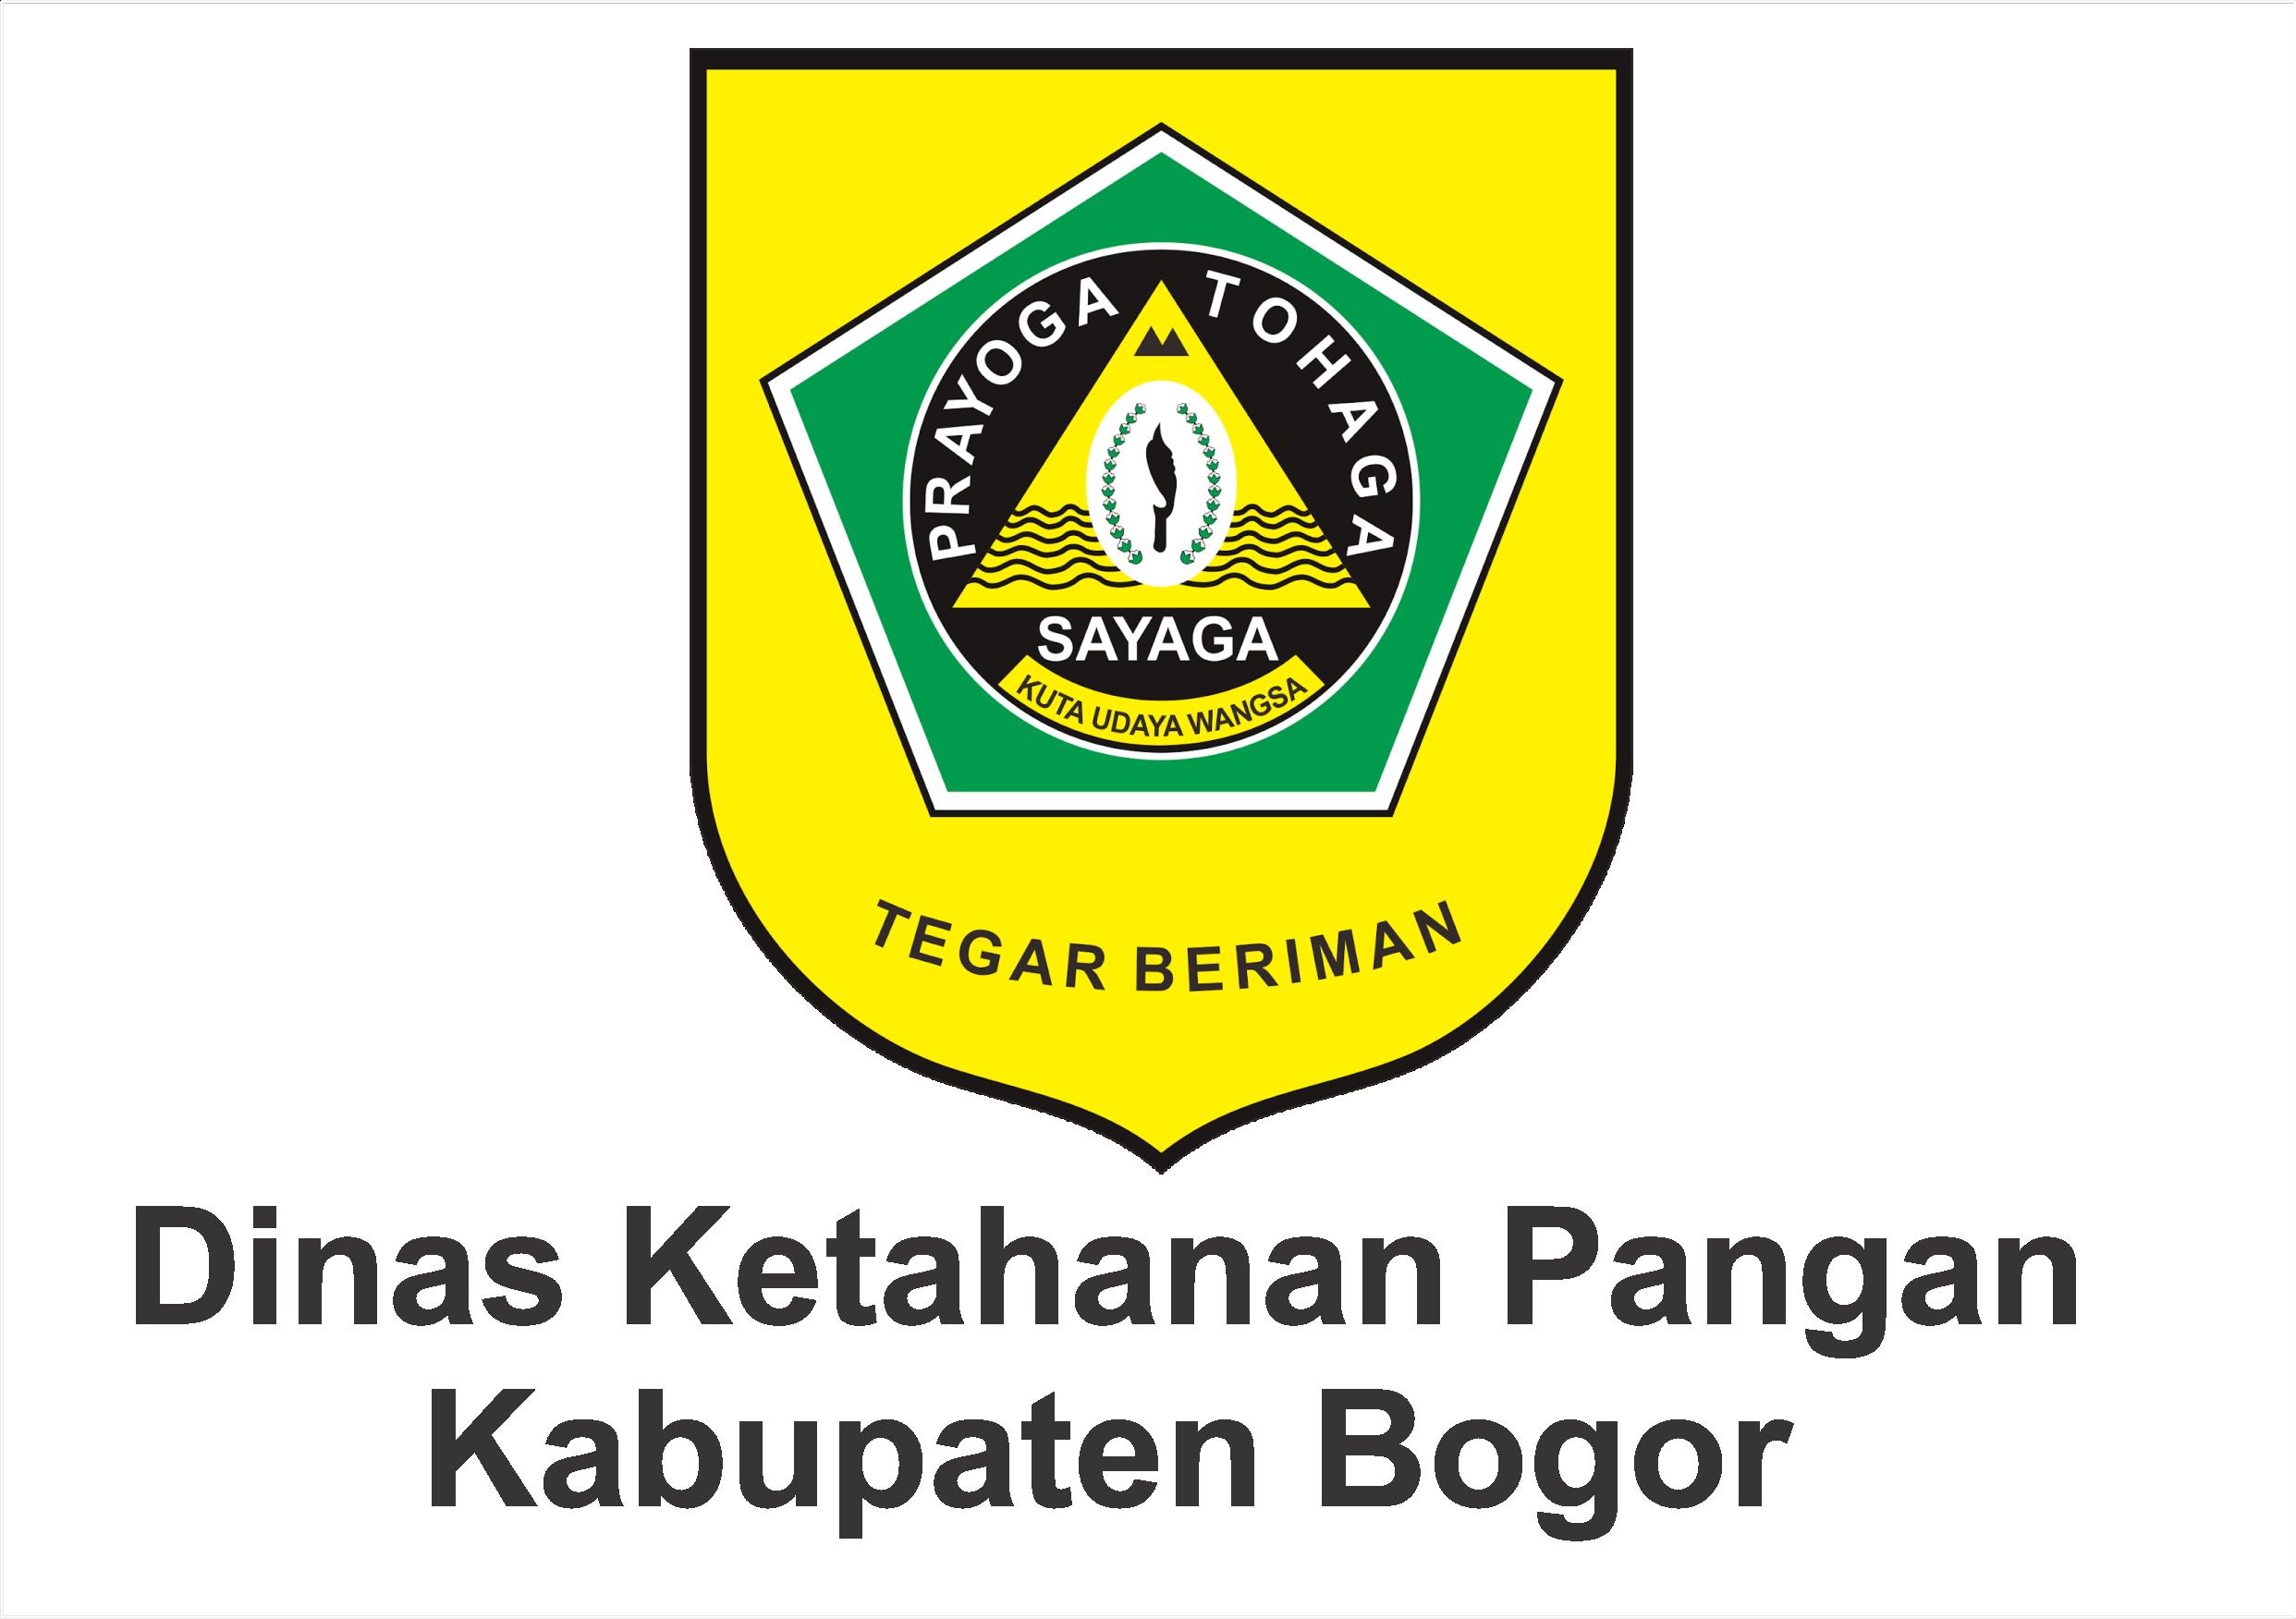 Dinas Ketahanan Pangan Kabupaten Bogor